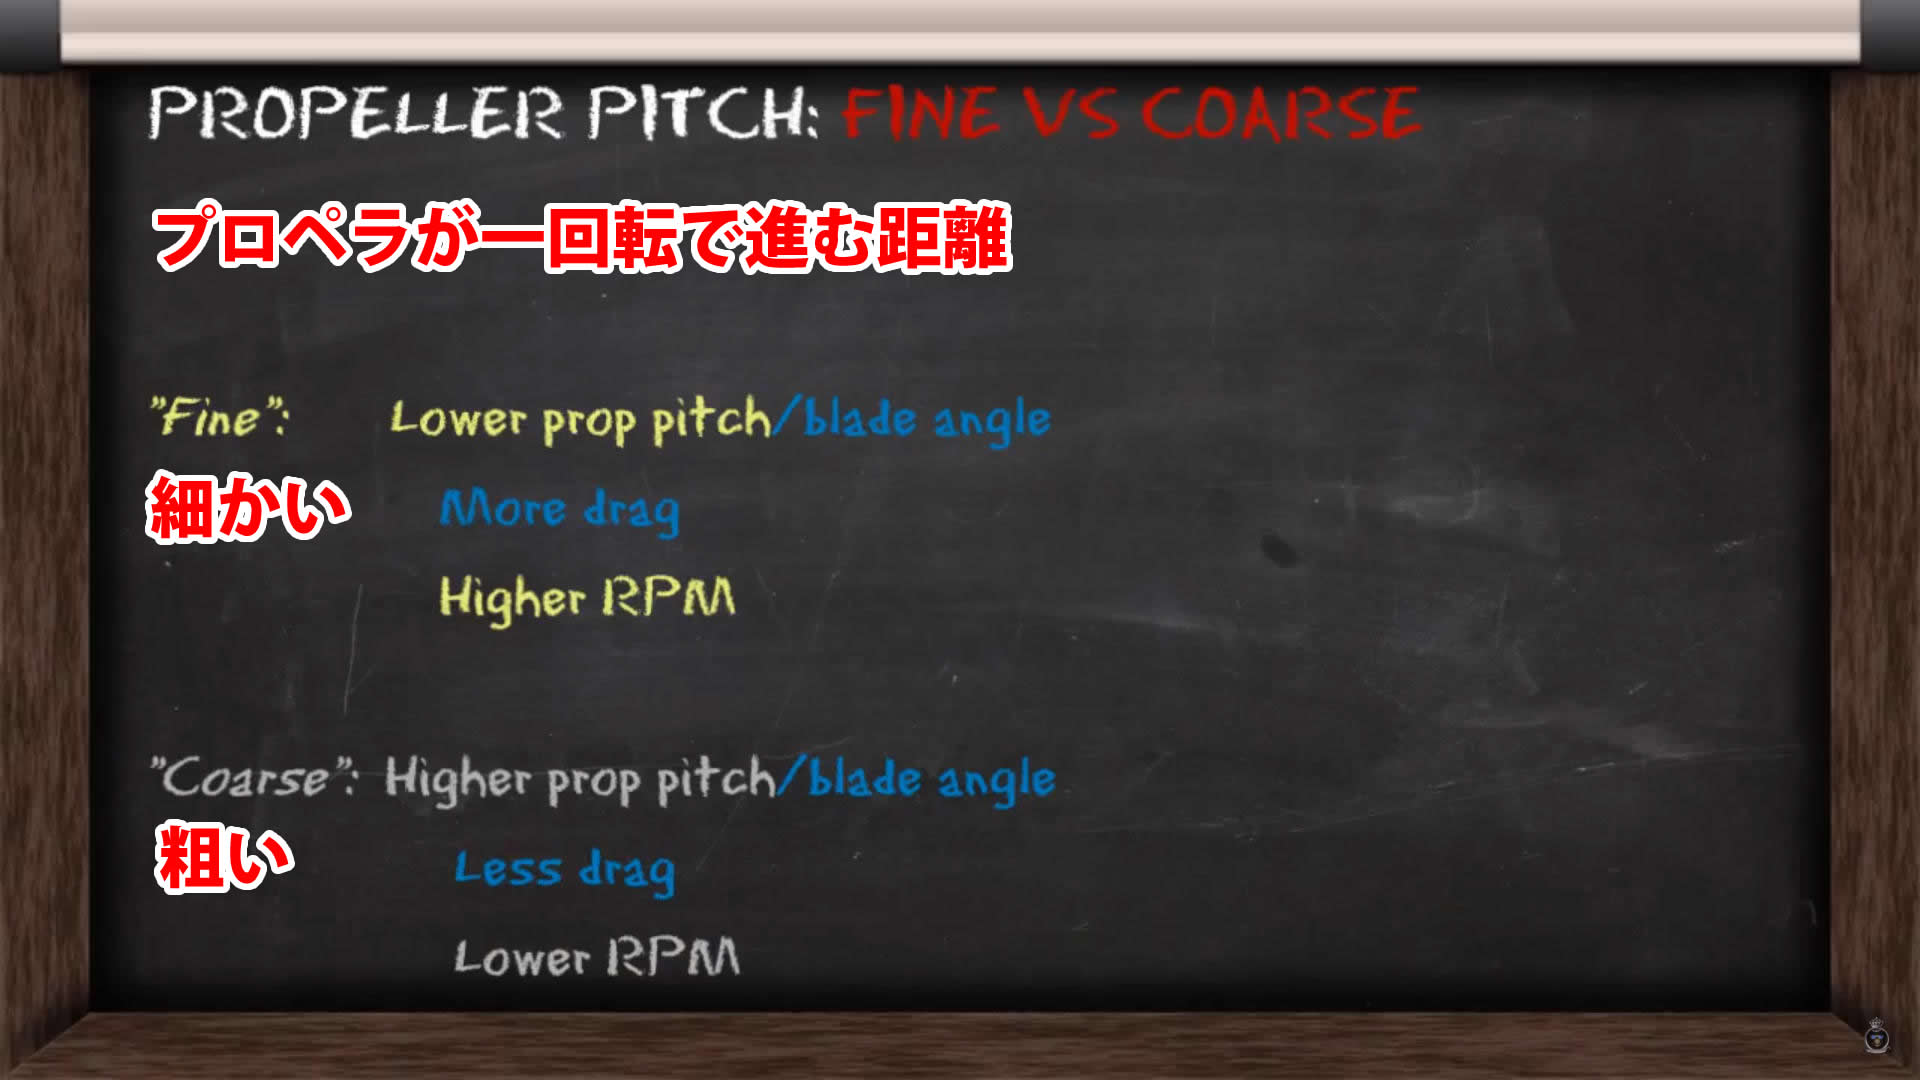 プロペラピッチの基本と固定ピッチプロペラの特性